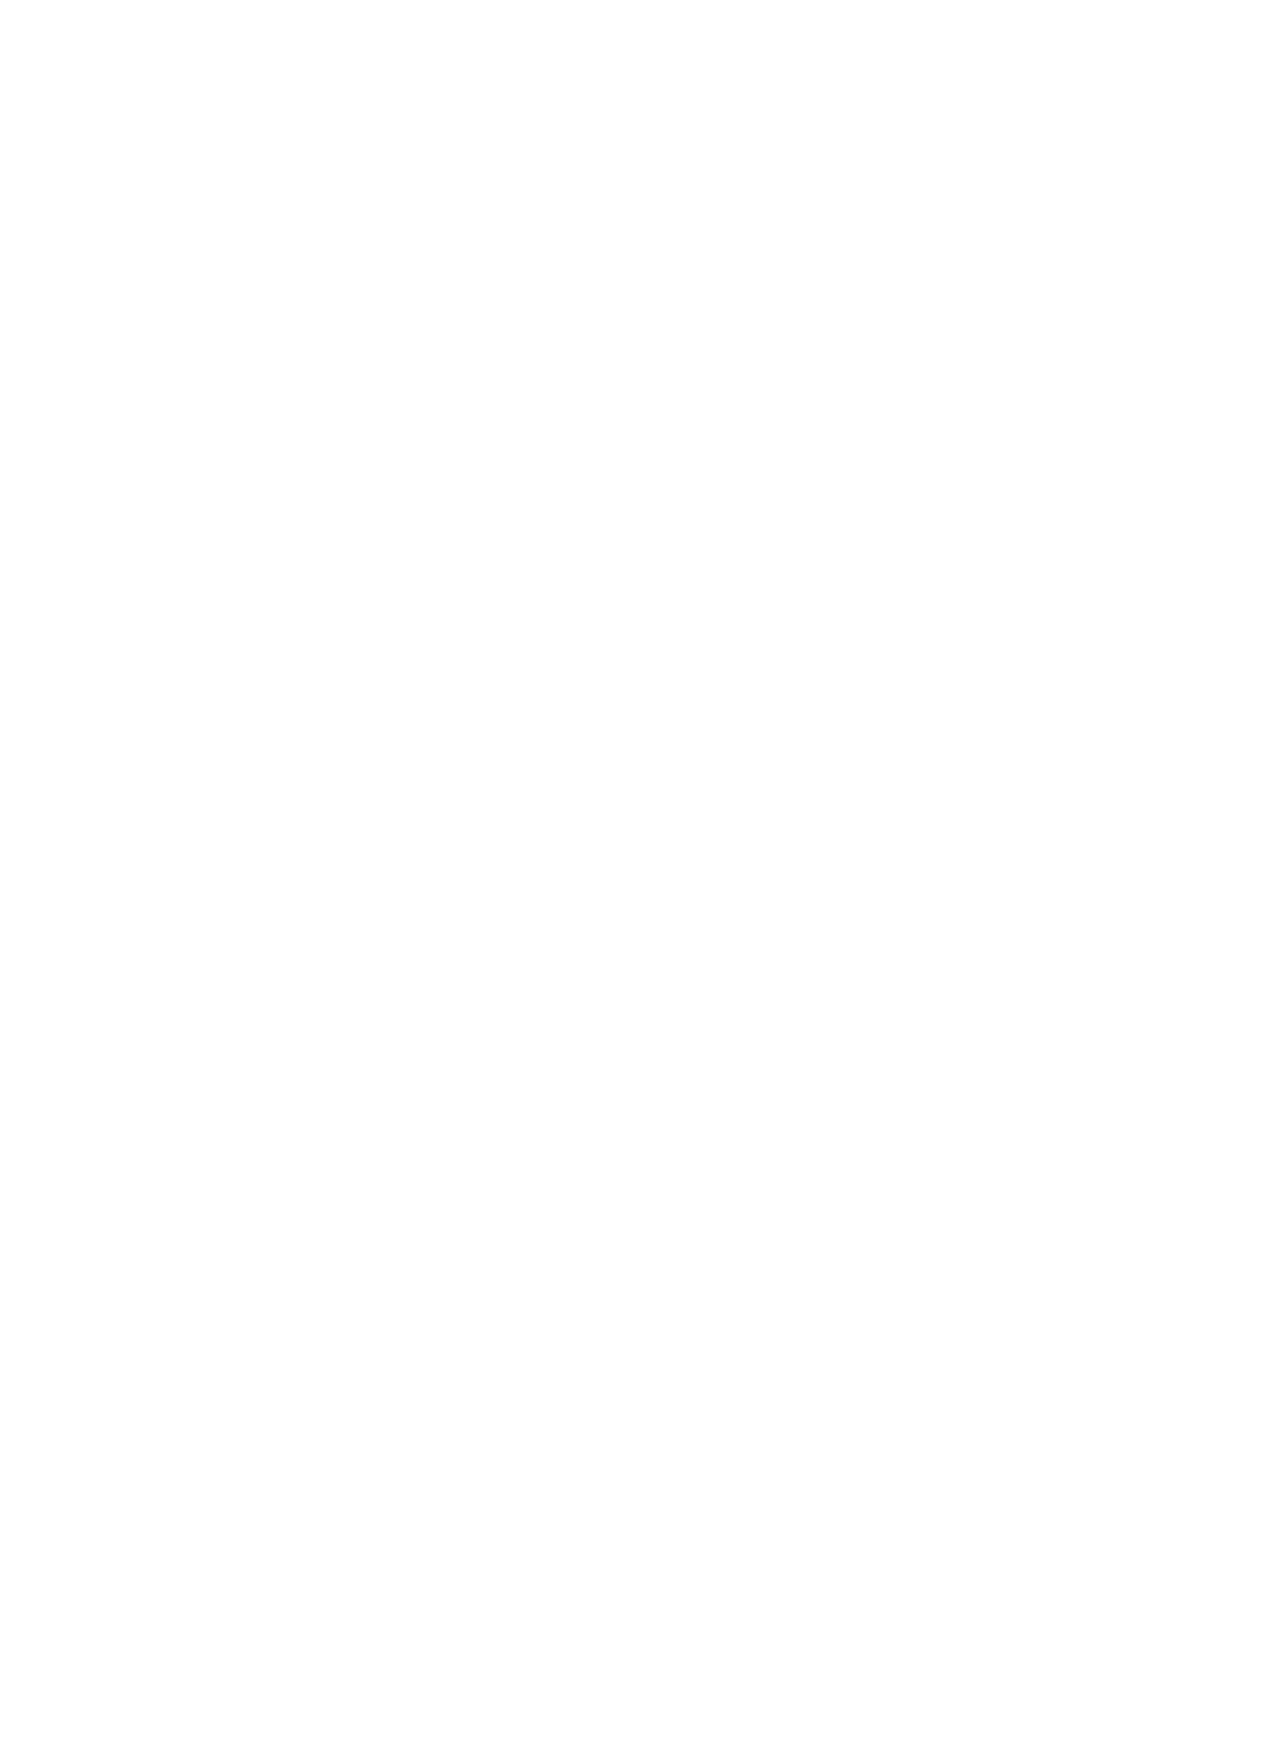 Shokushu x Dark Elf Gyaru-oh ~ Shokushu to Hajimete 1